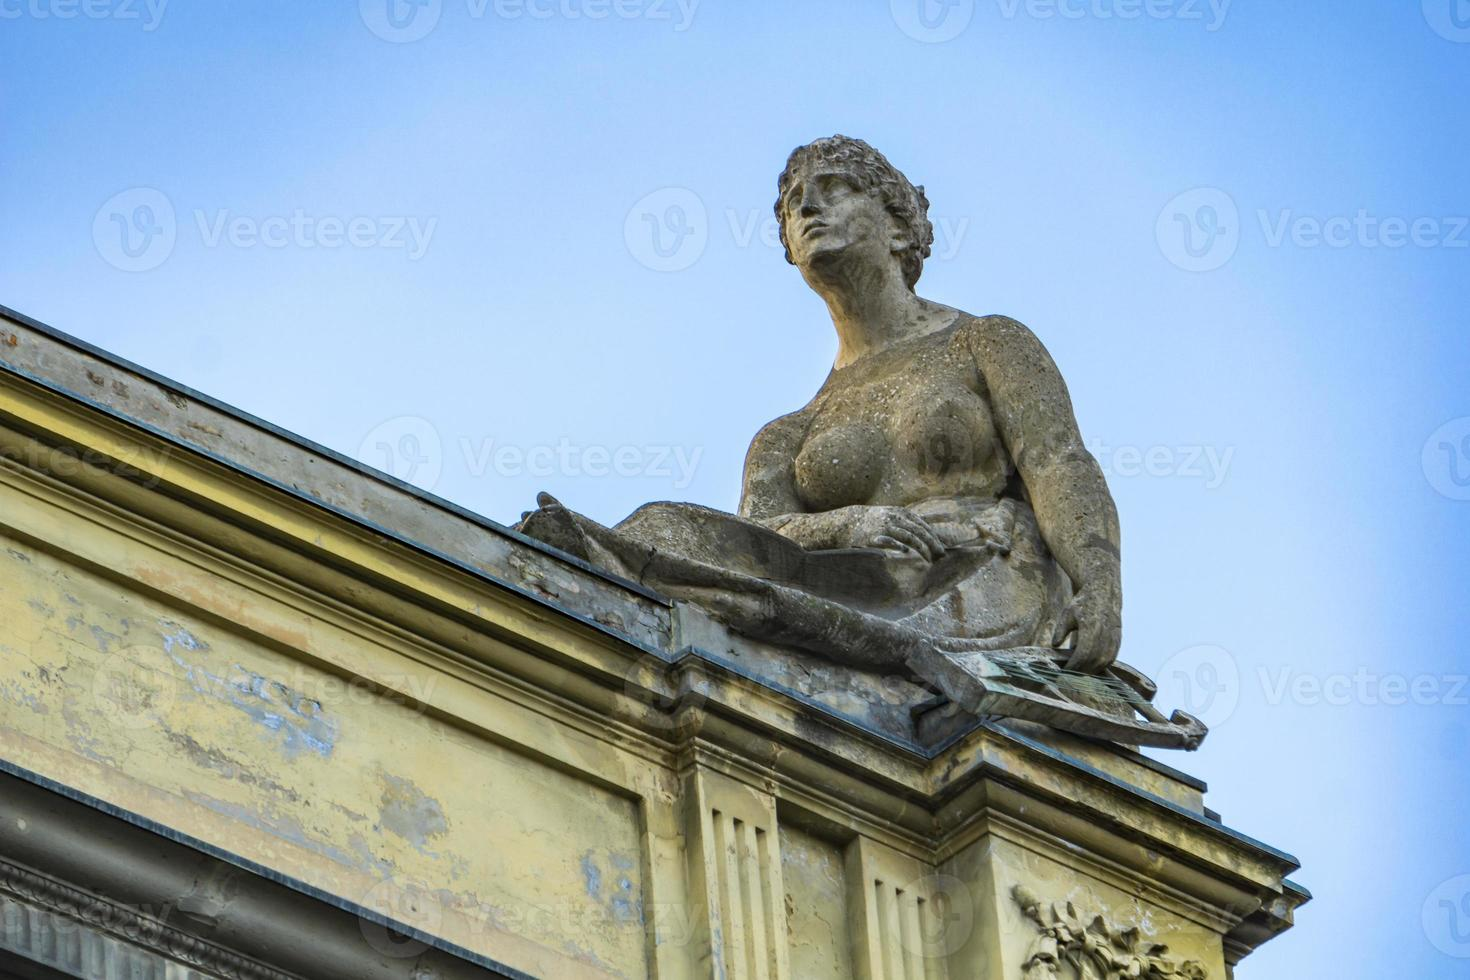 Skulpturen auf dem Dach der Arena del Sole Theater in Bologna foto